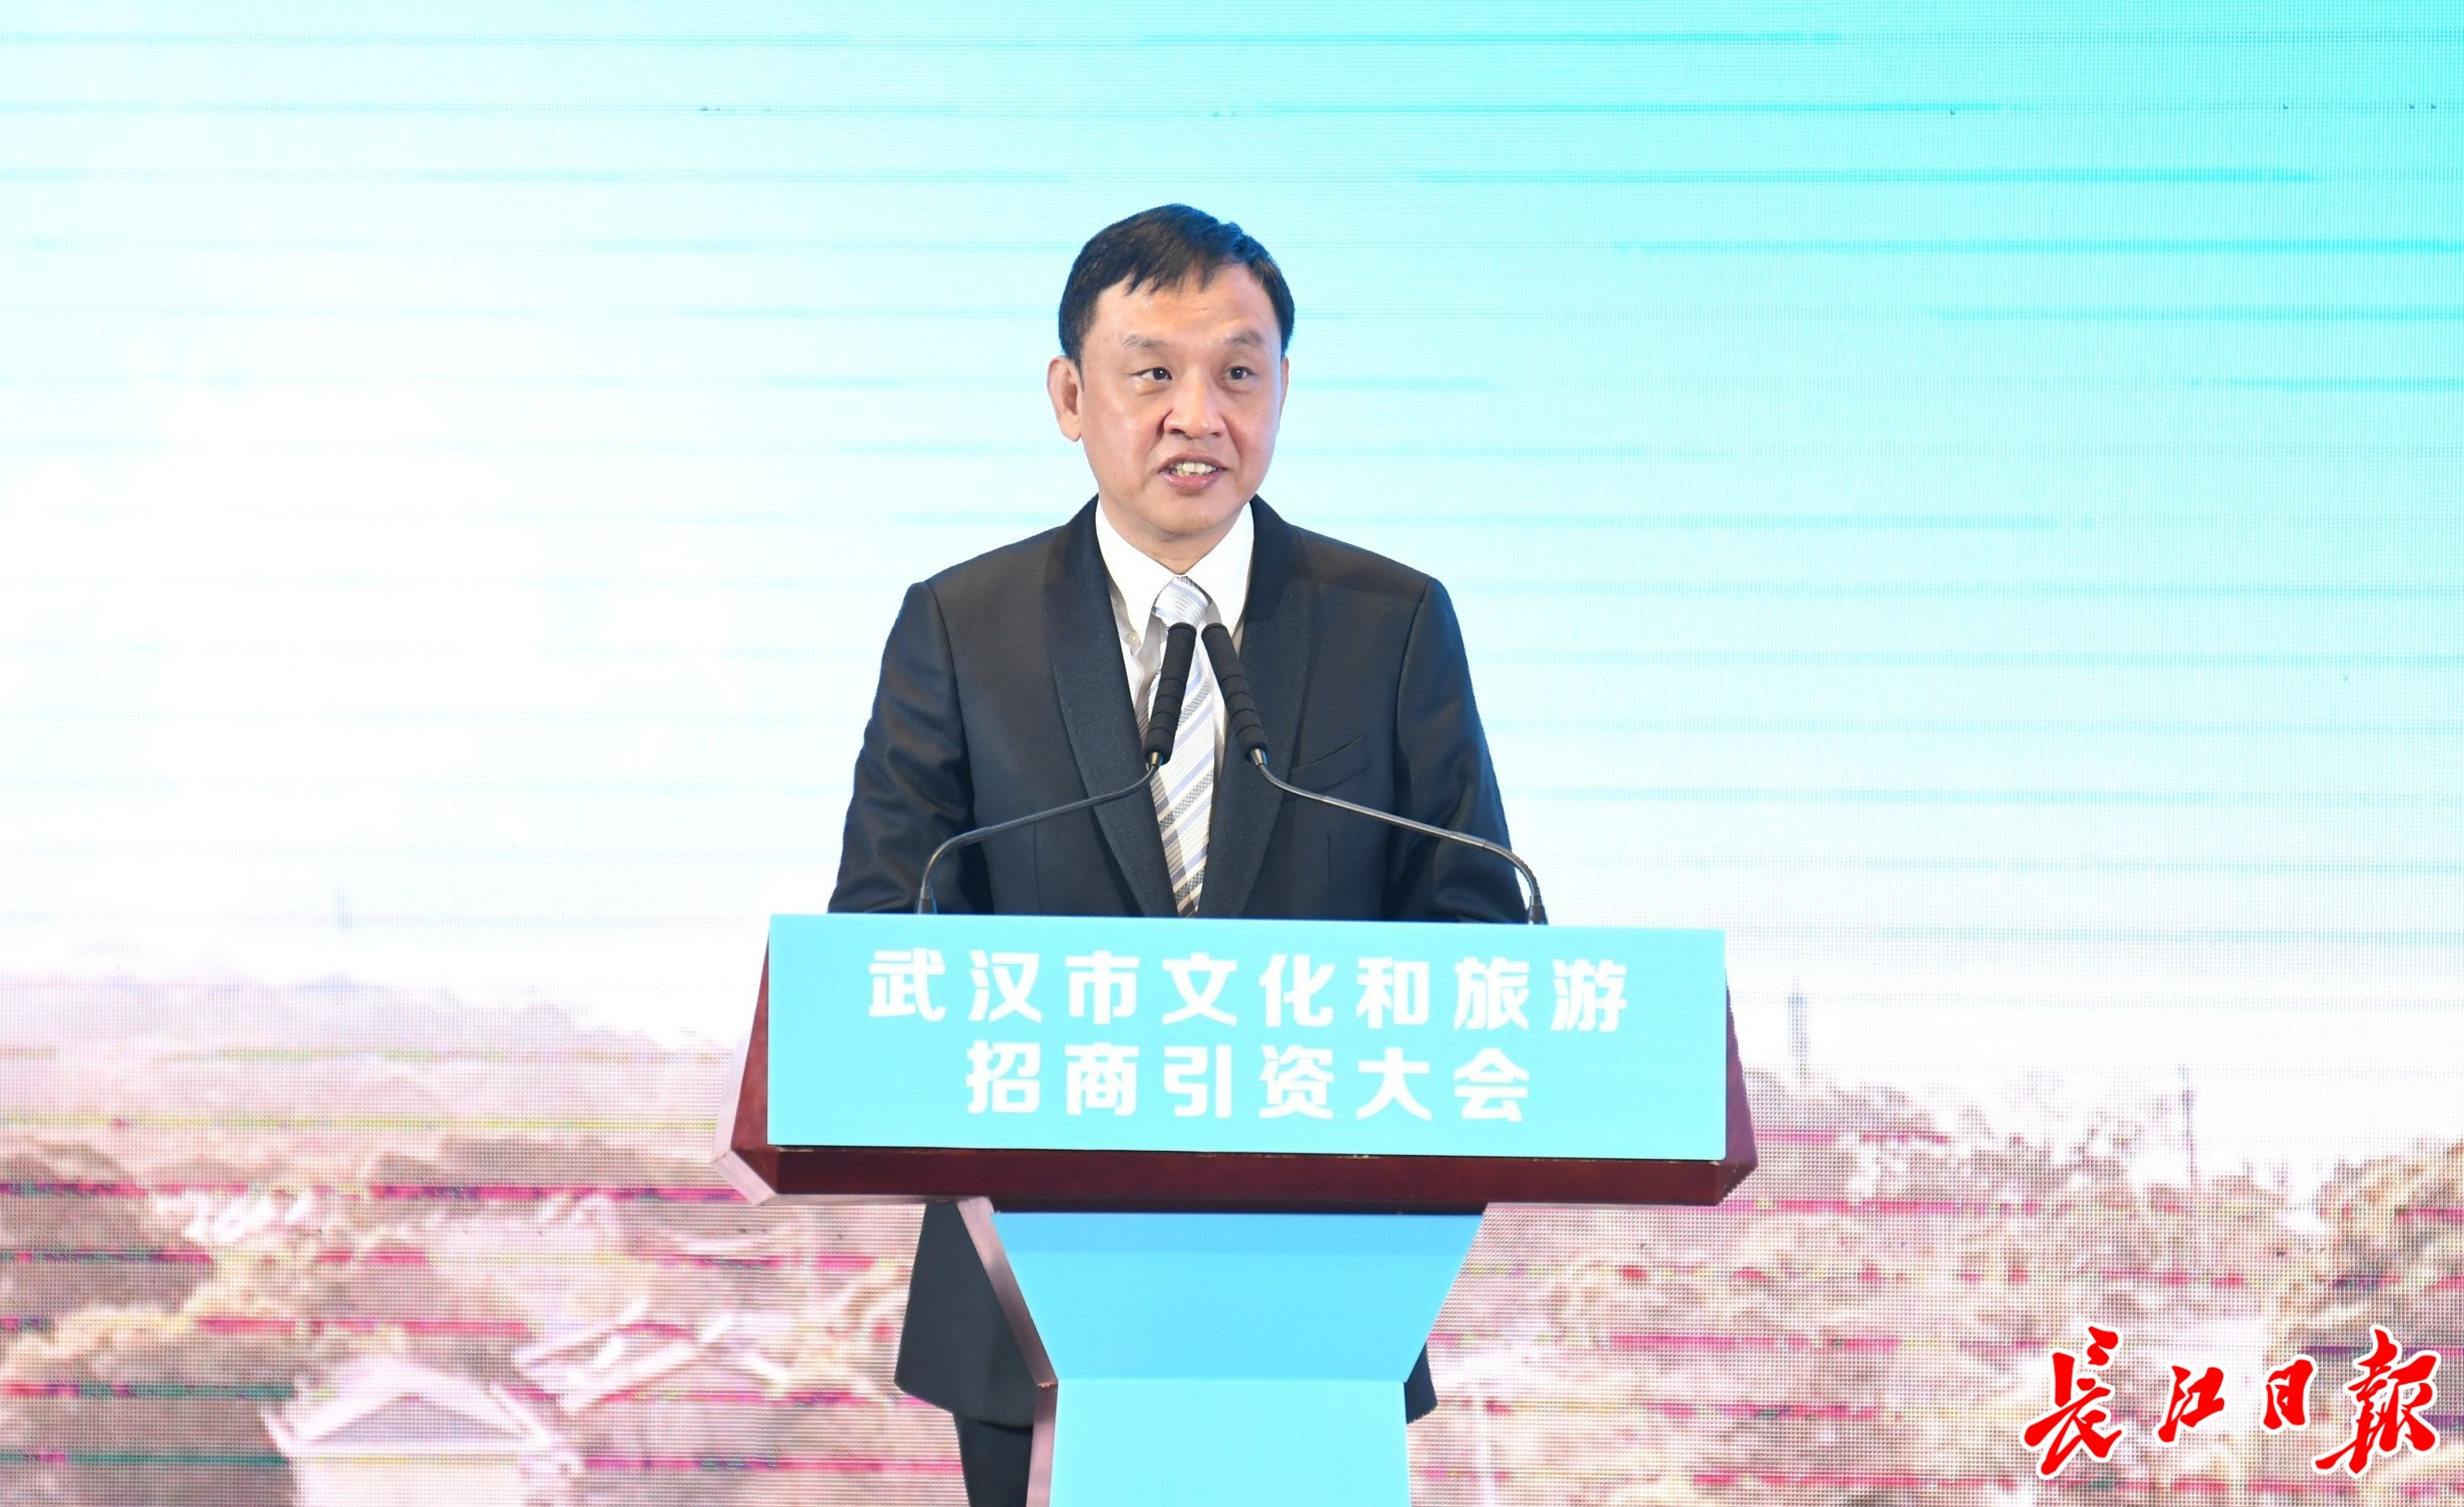 长江传媒董事长_武汉长江传媒大厦图片